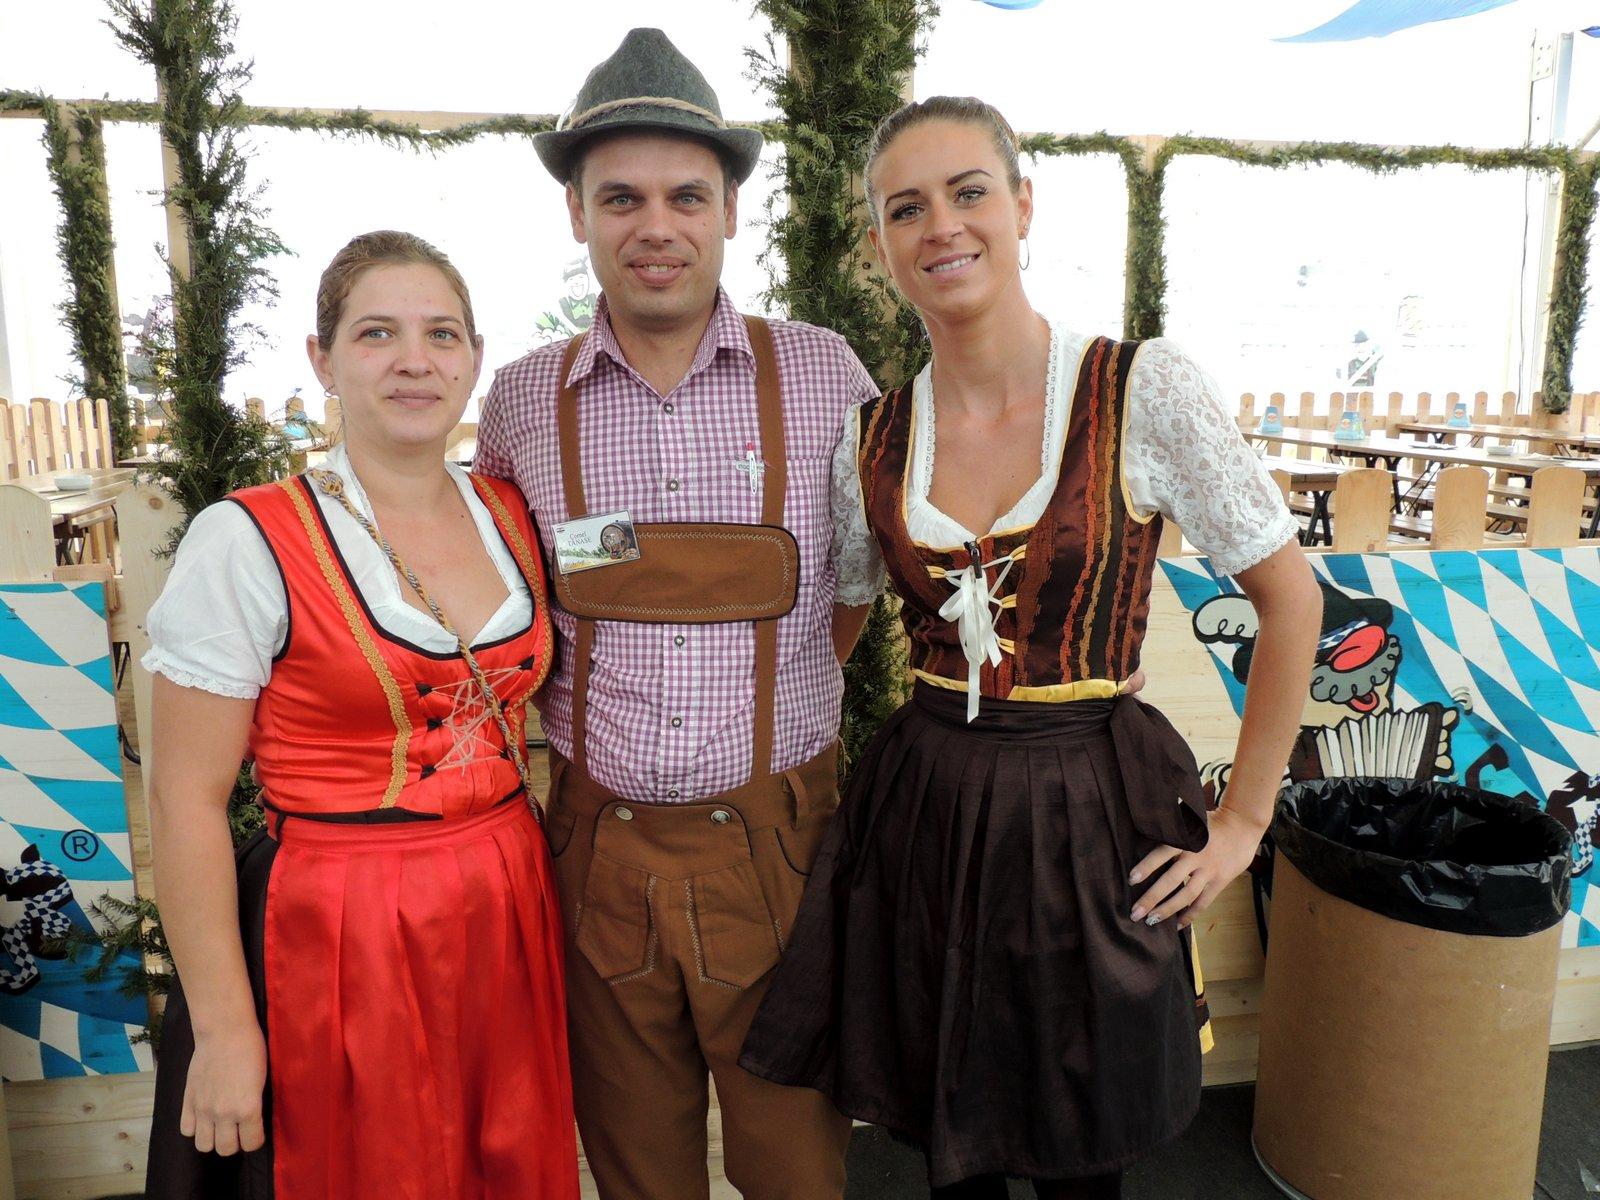 Kronstädter Oktoberfest